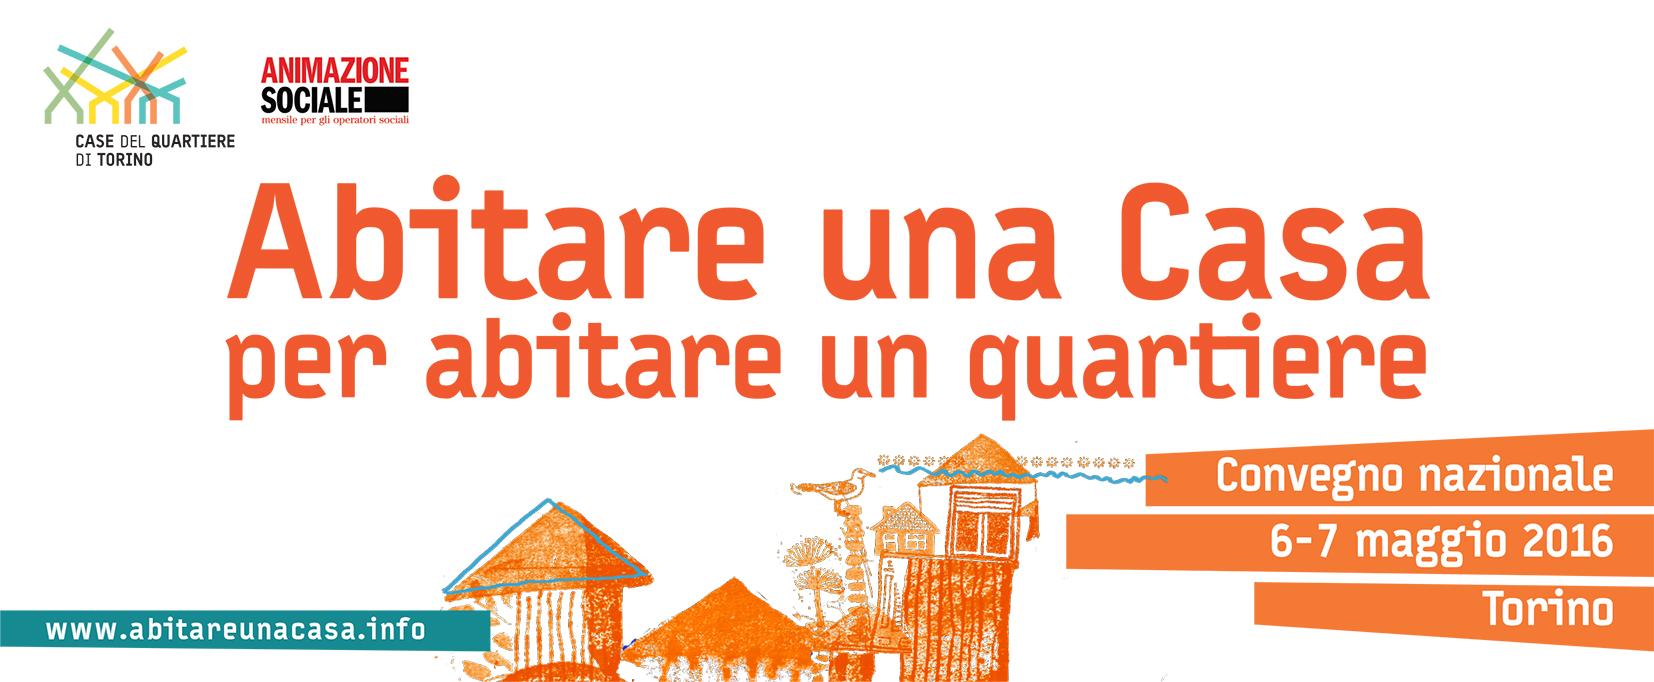 Abitare una Casa per abitare un quartiere, Convegno Nazionale, 6-7 maggio 2016, Torino